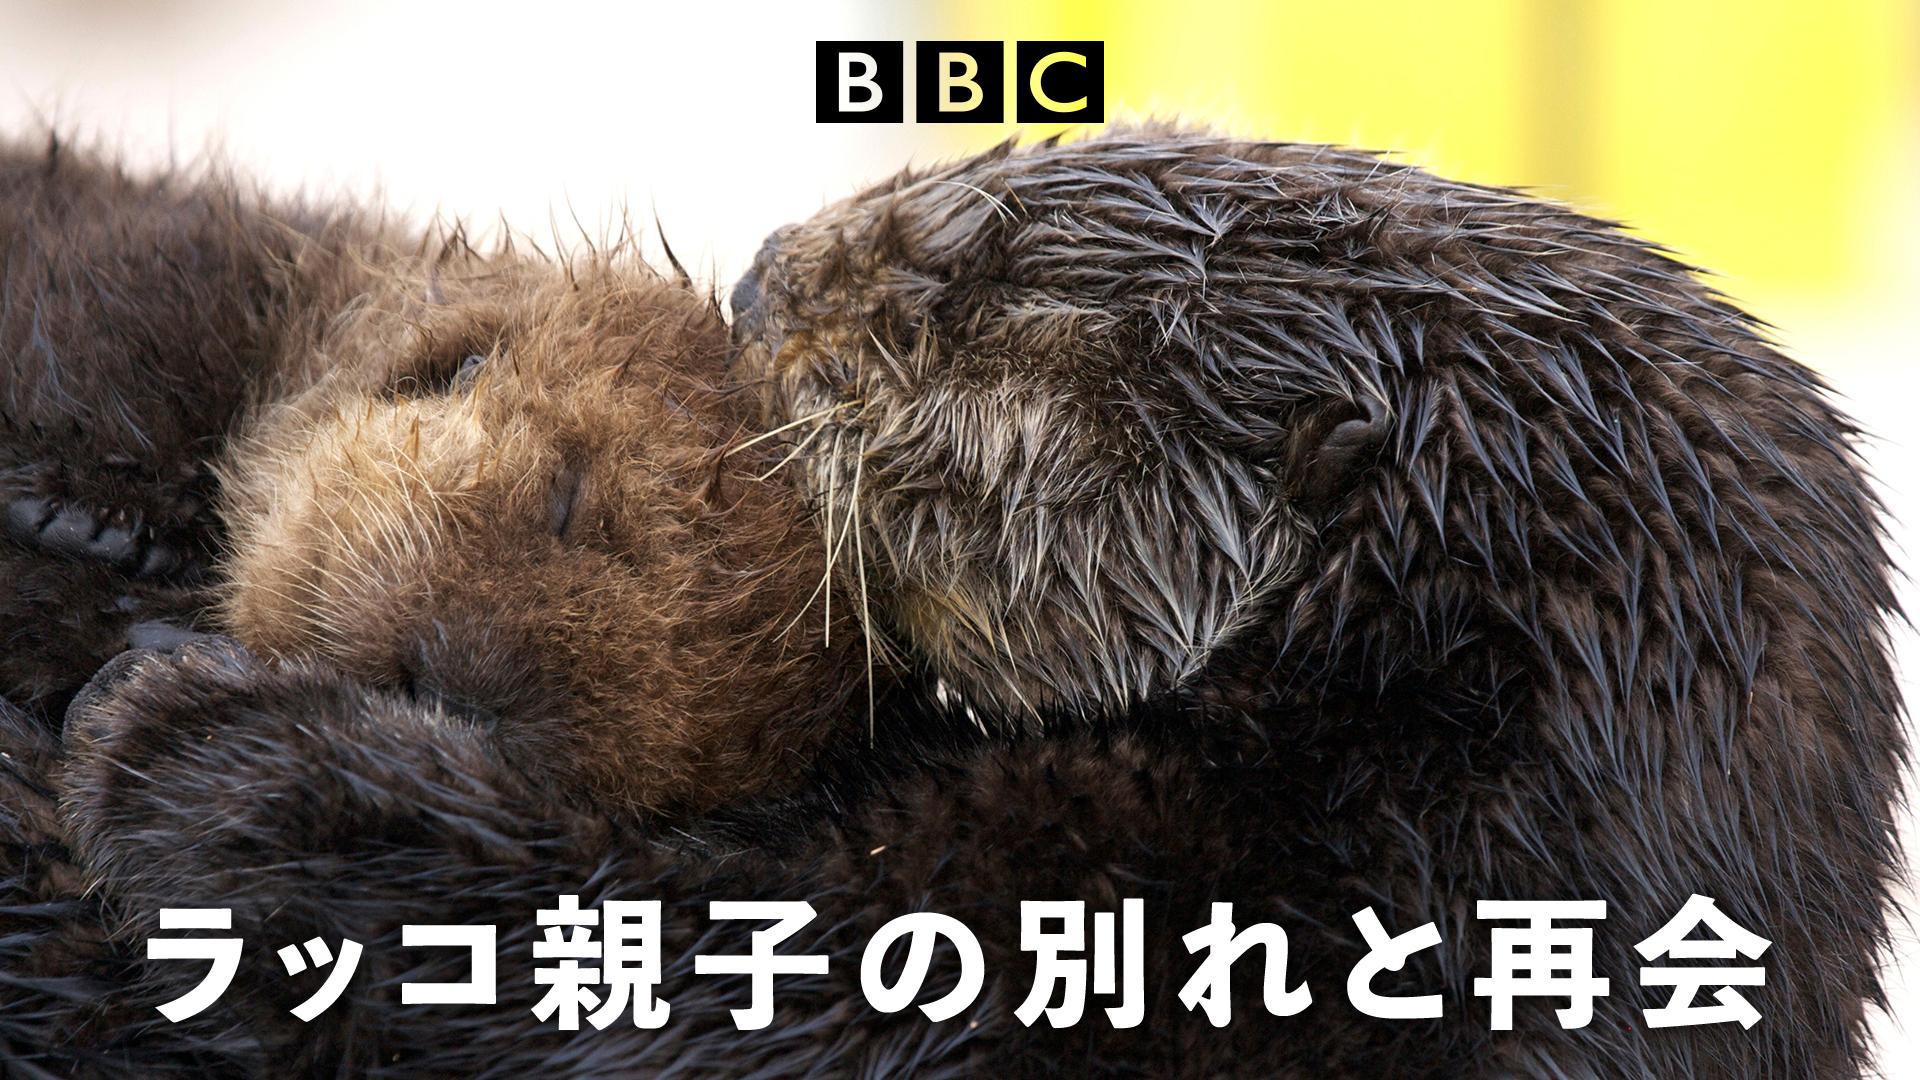 ナチュラルワールド~動物親子特集~ラッコ親子の別れと再会 動画